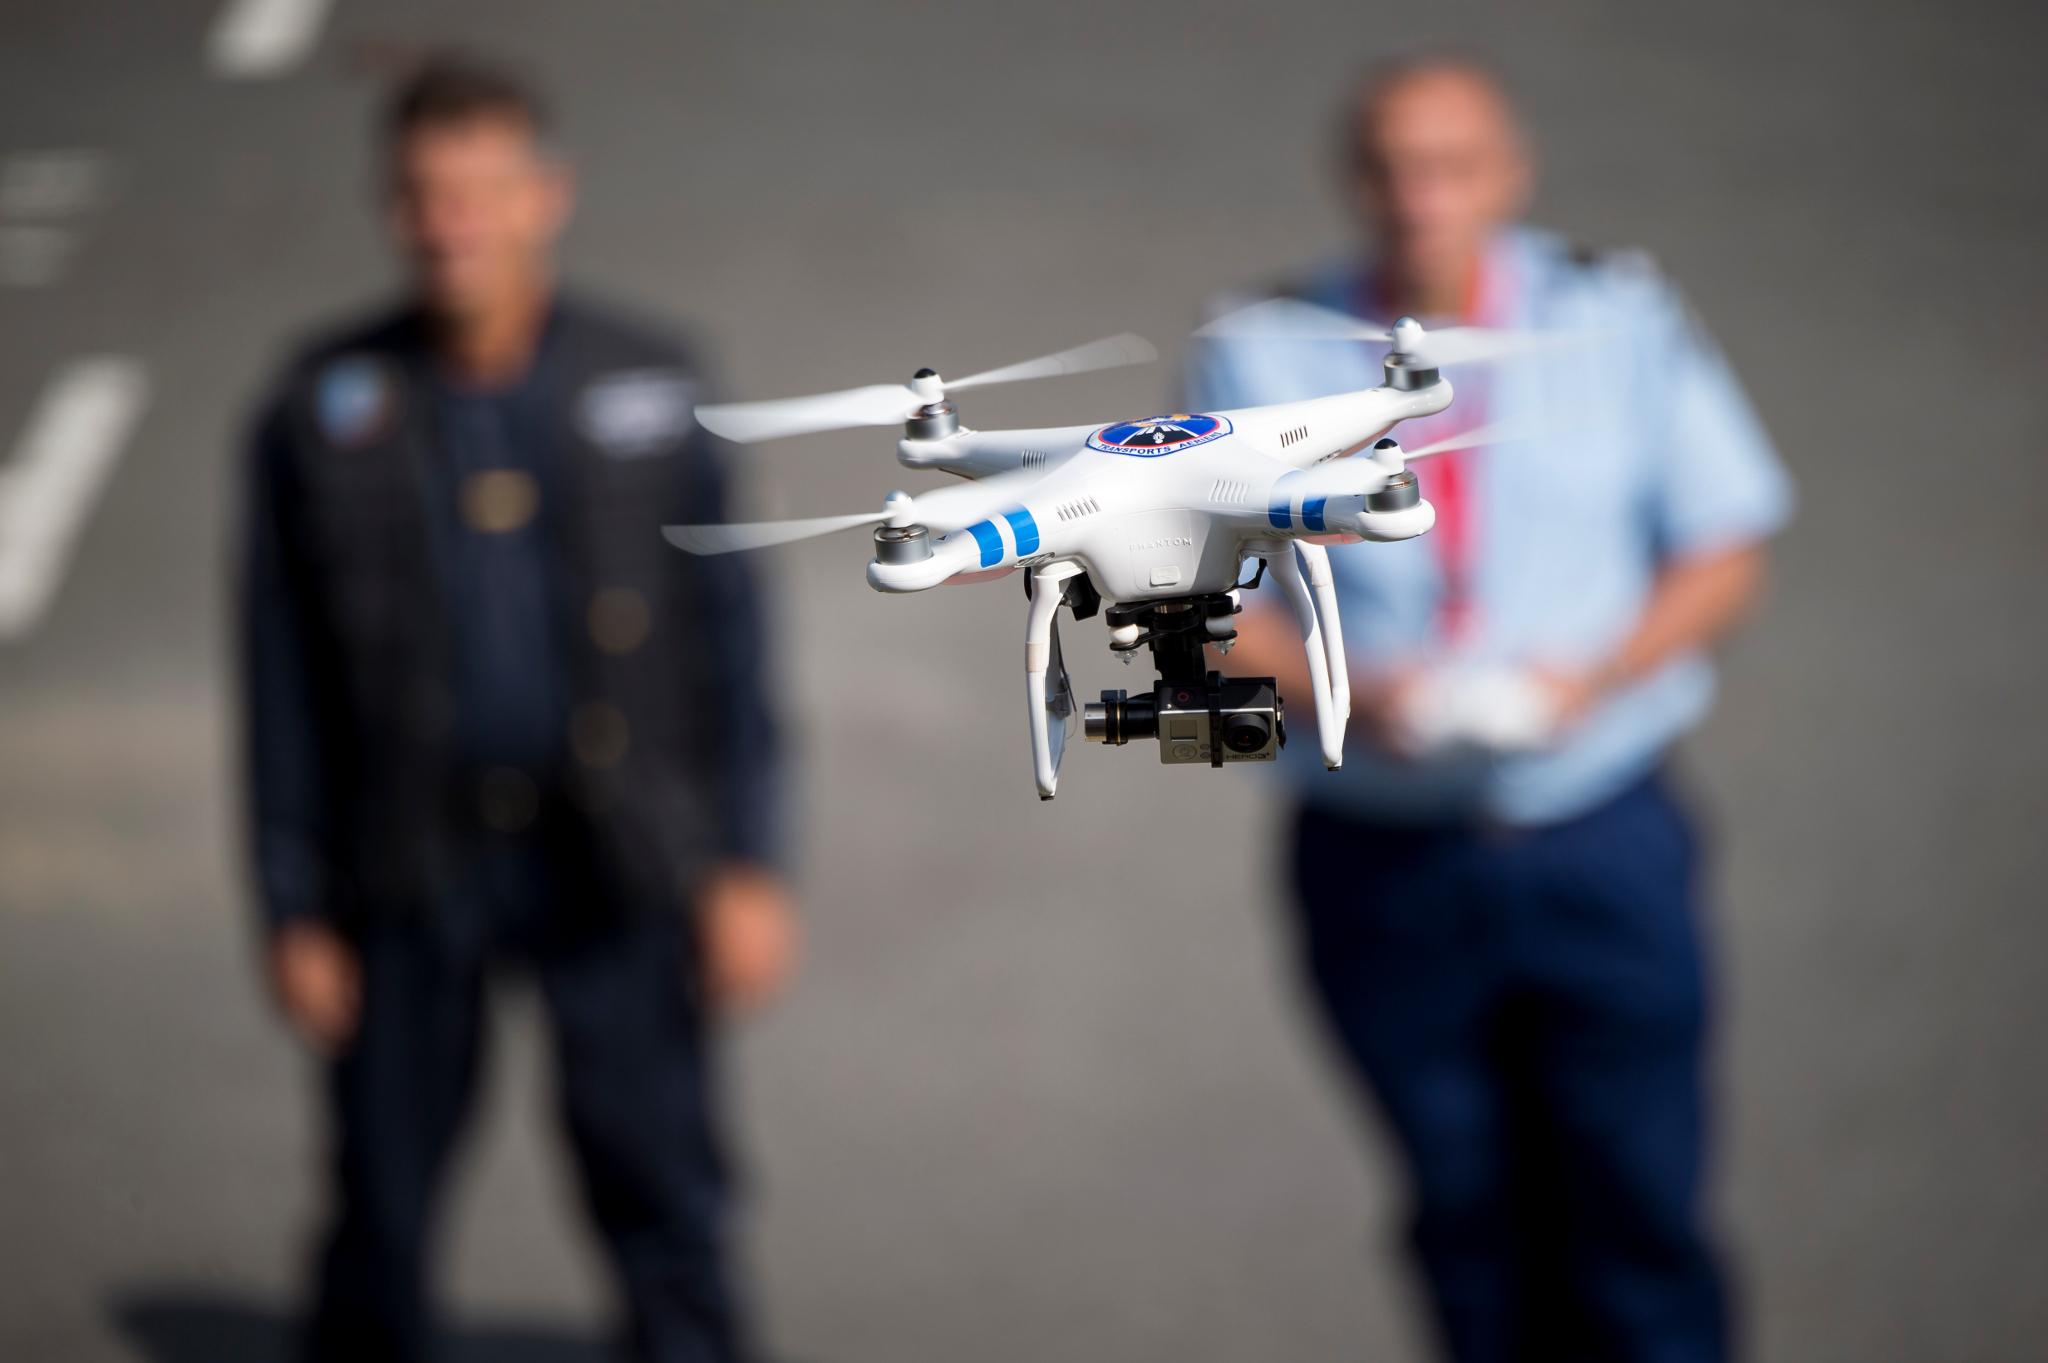 La Suisse pense à la livraison par drones et aux survols illicites